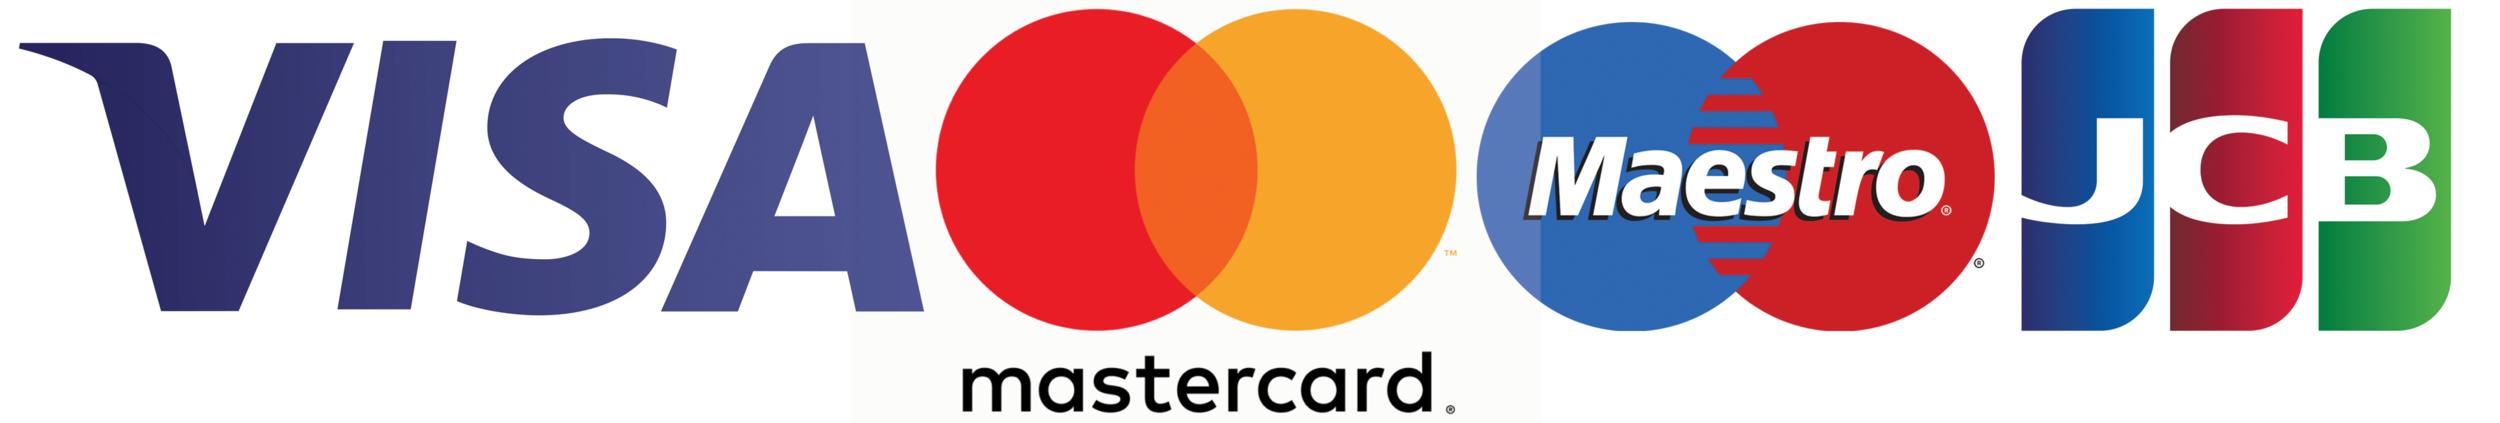 visa-mastercard-cornwall